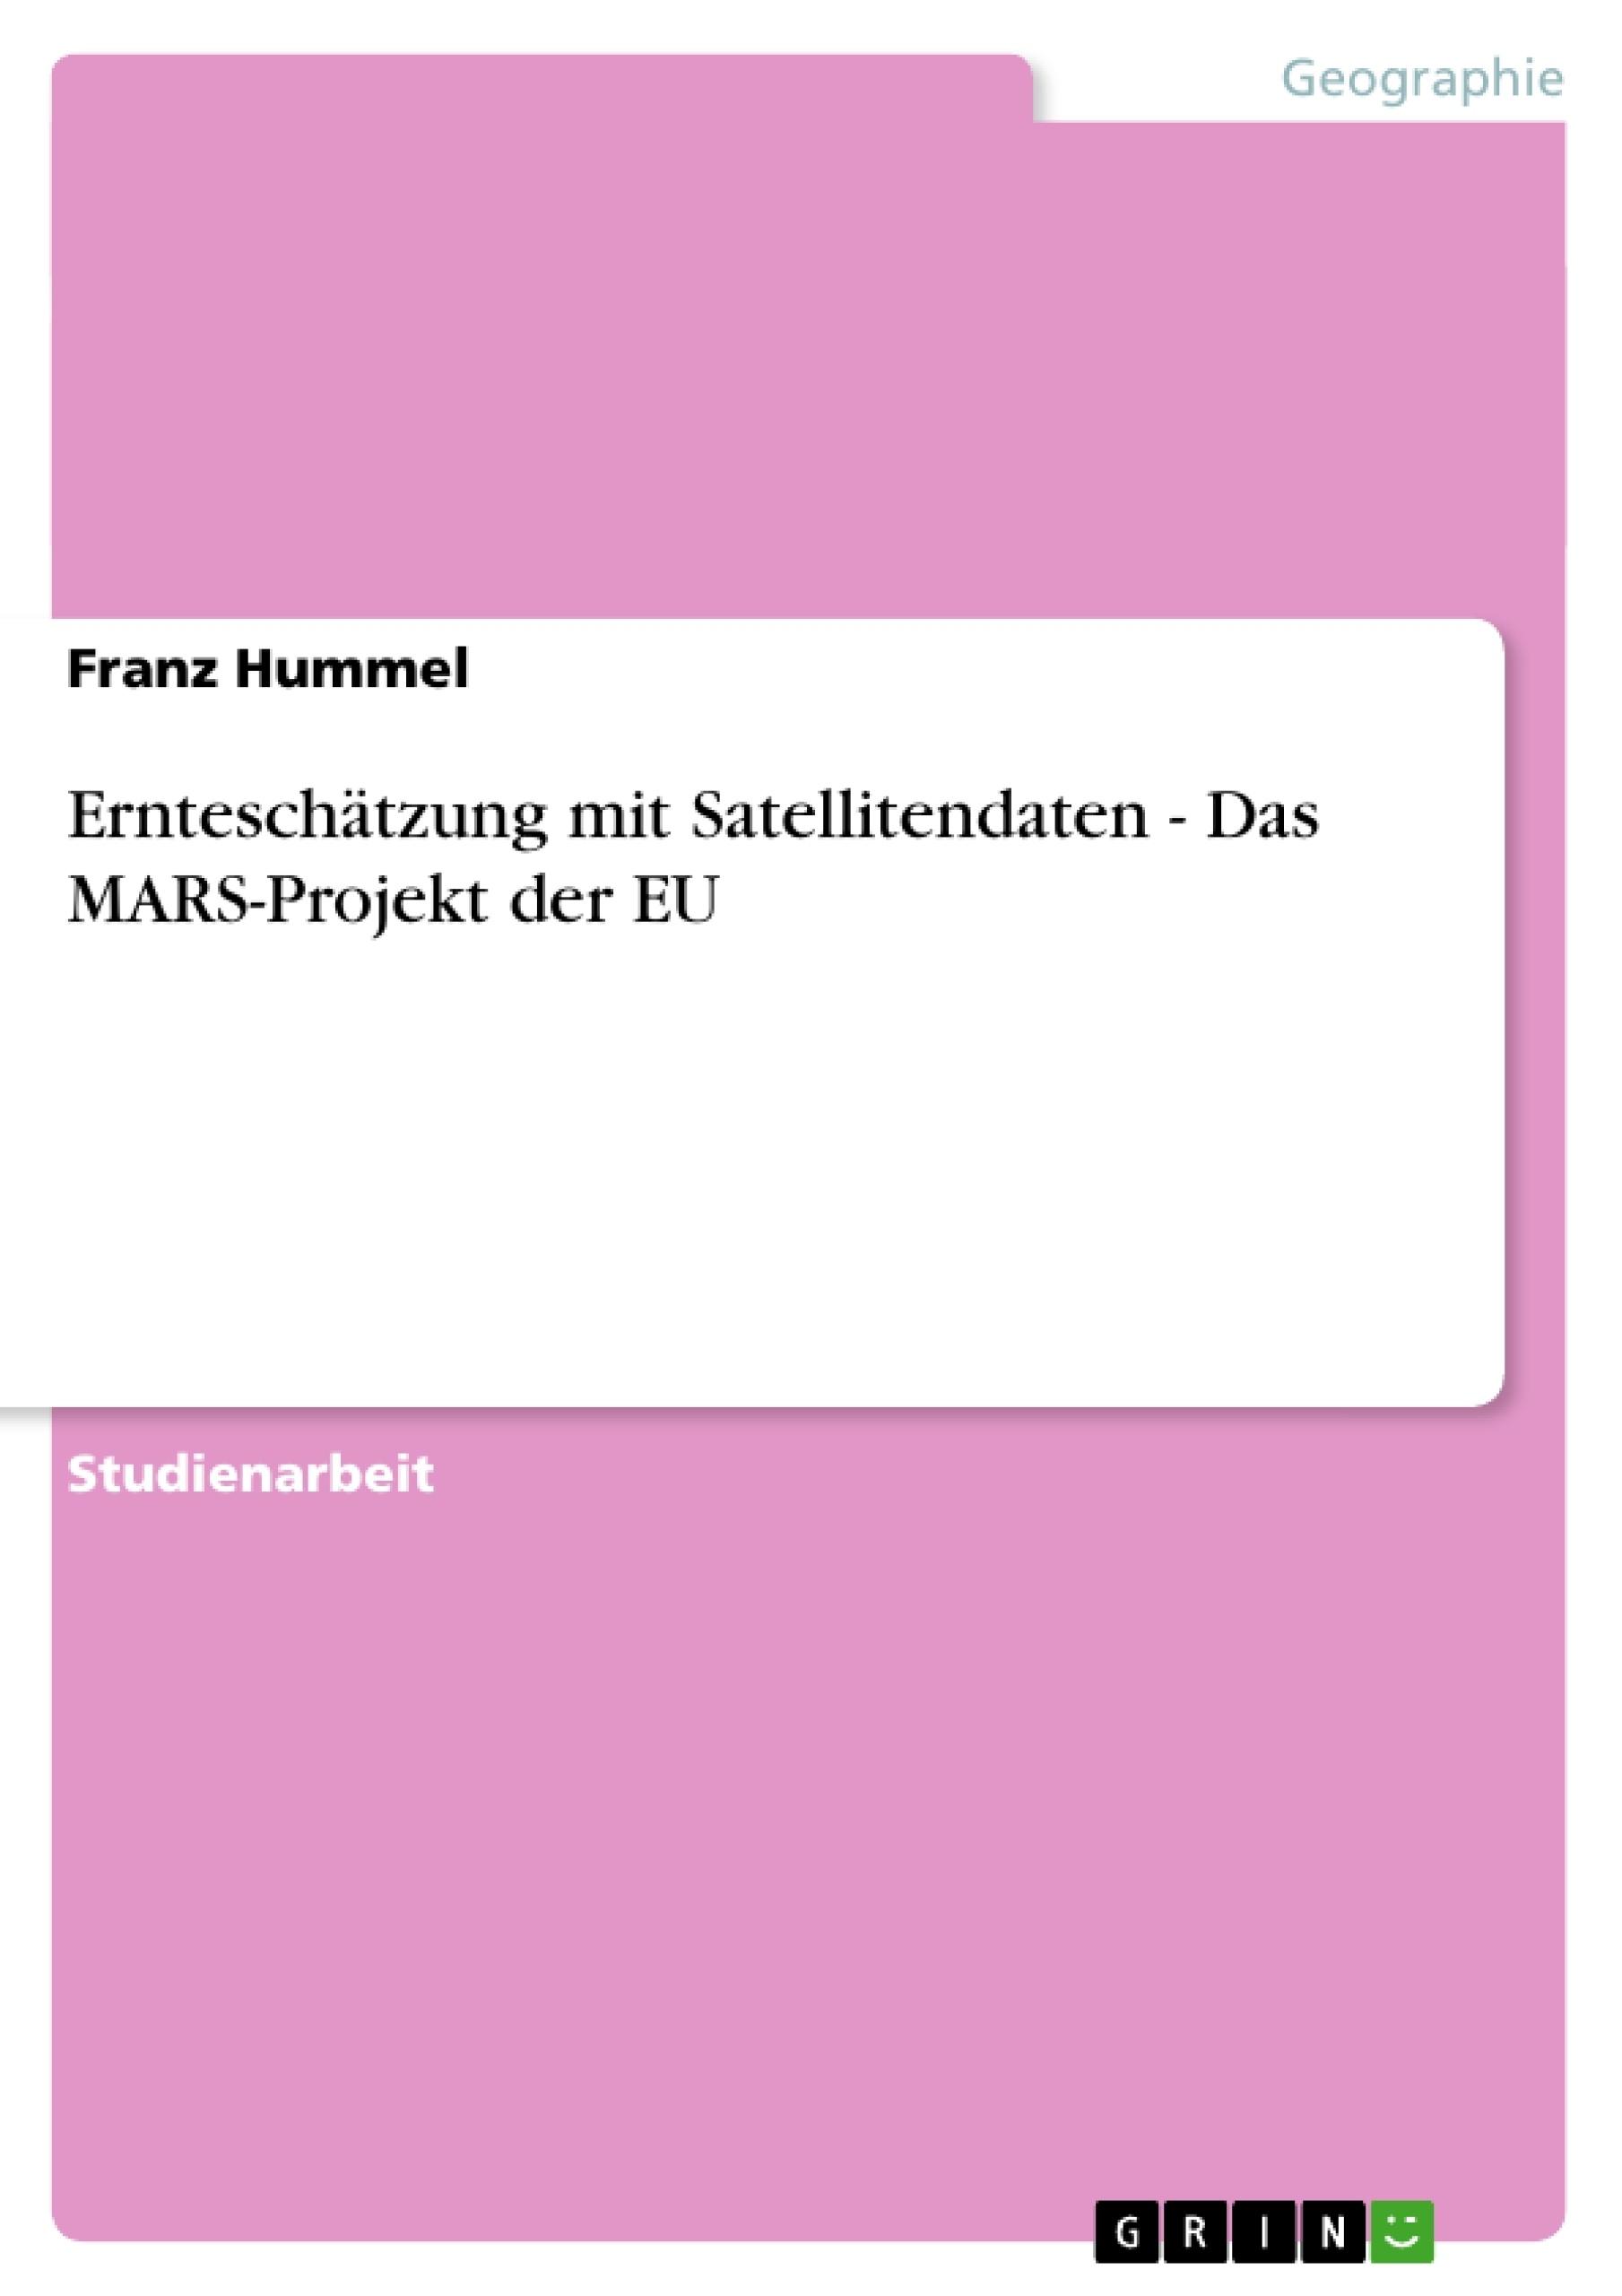 Titel: Ernteschätzung mit Satellitendaten - Das MARS-Projekt der EU